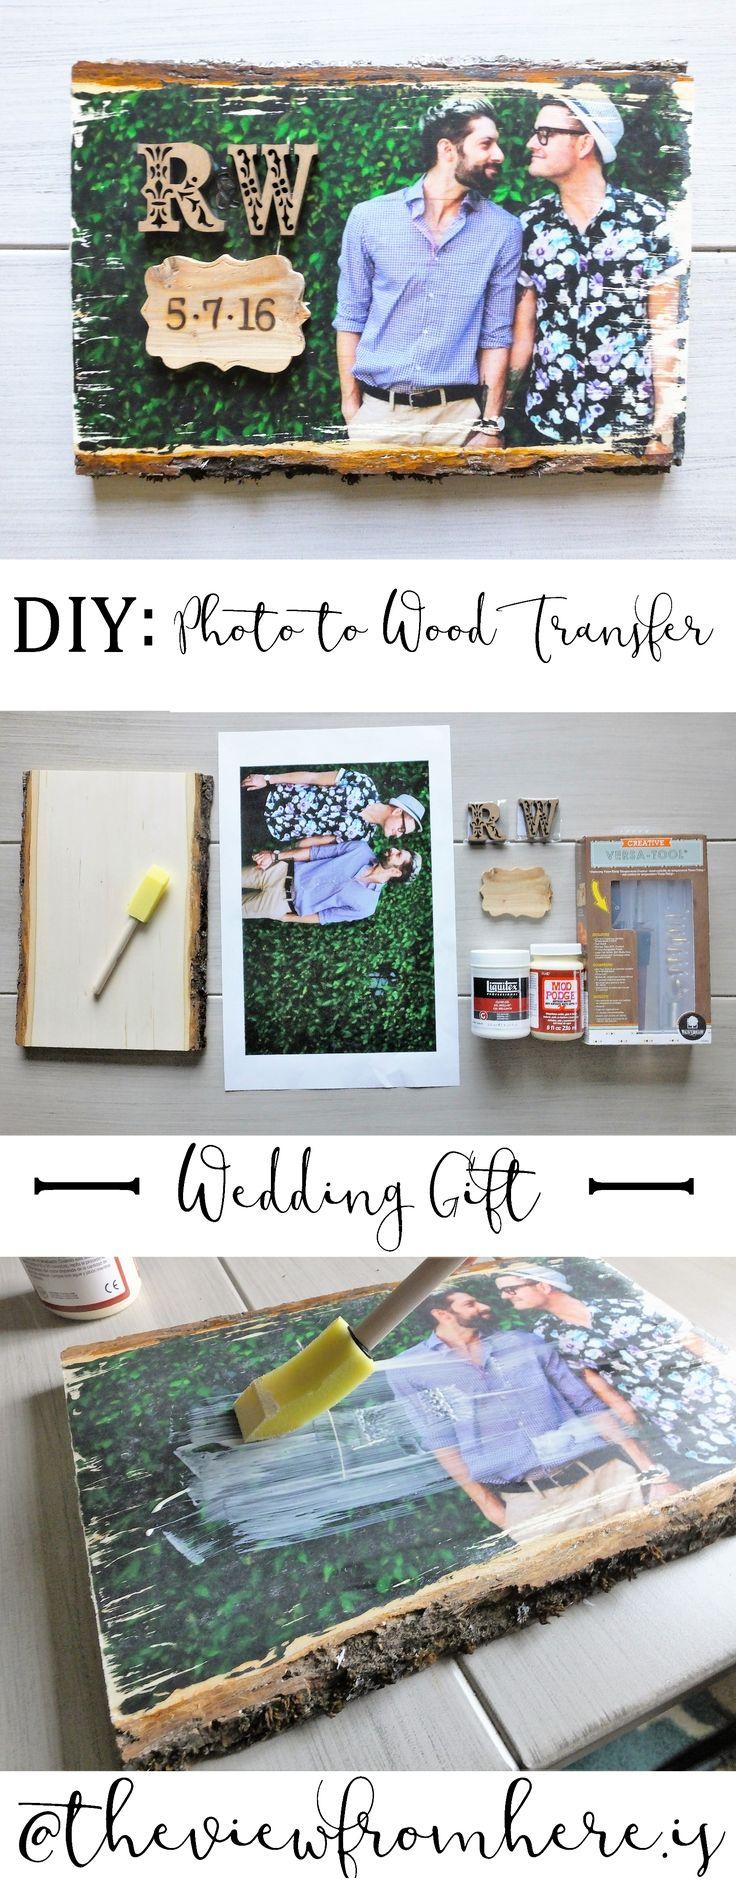 10 DIY Photo Transfers